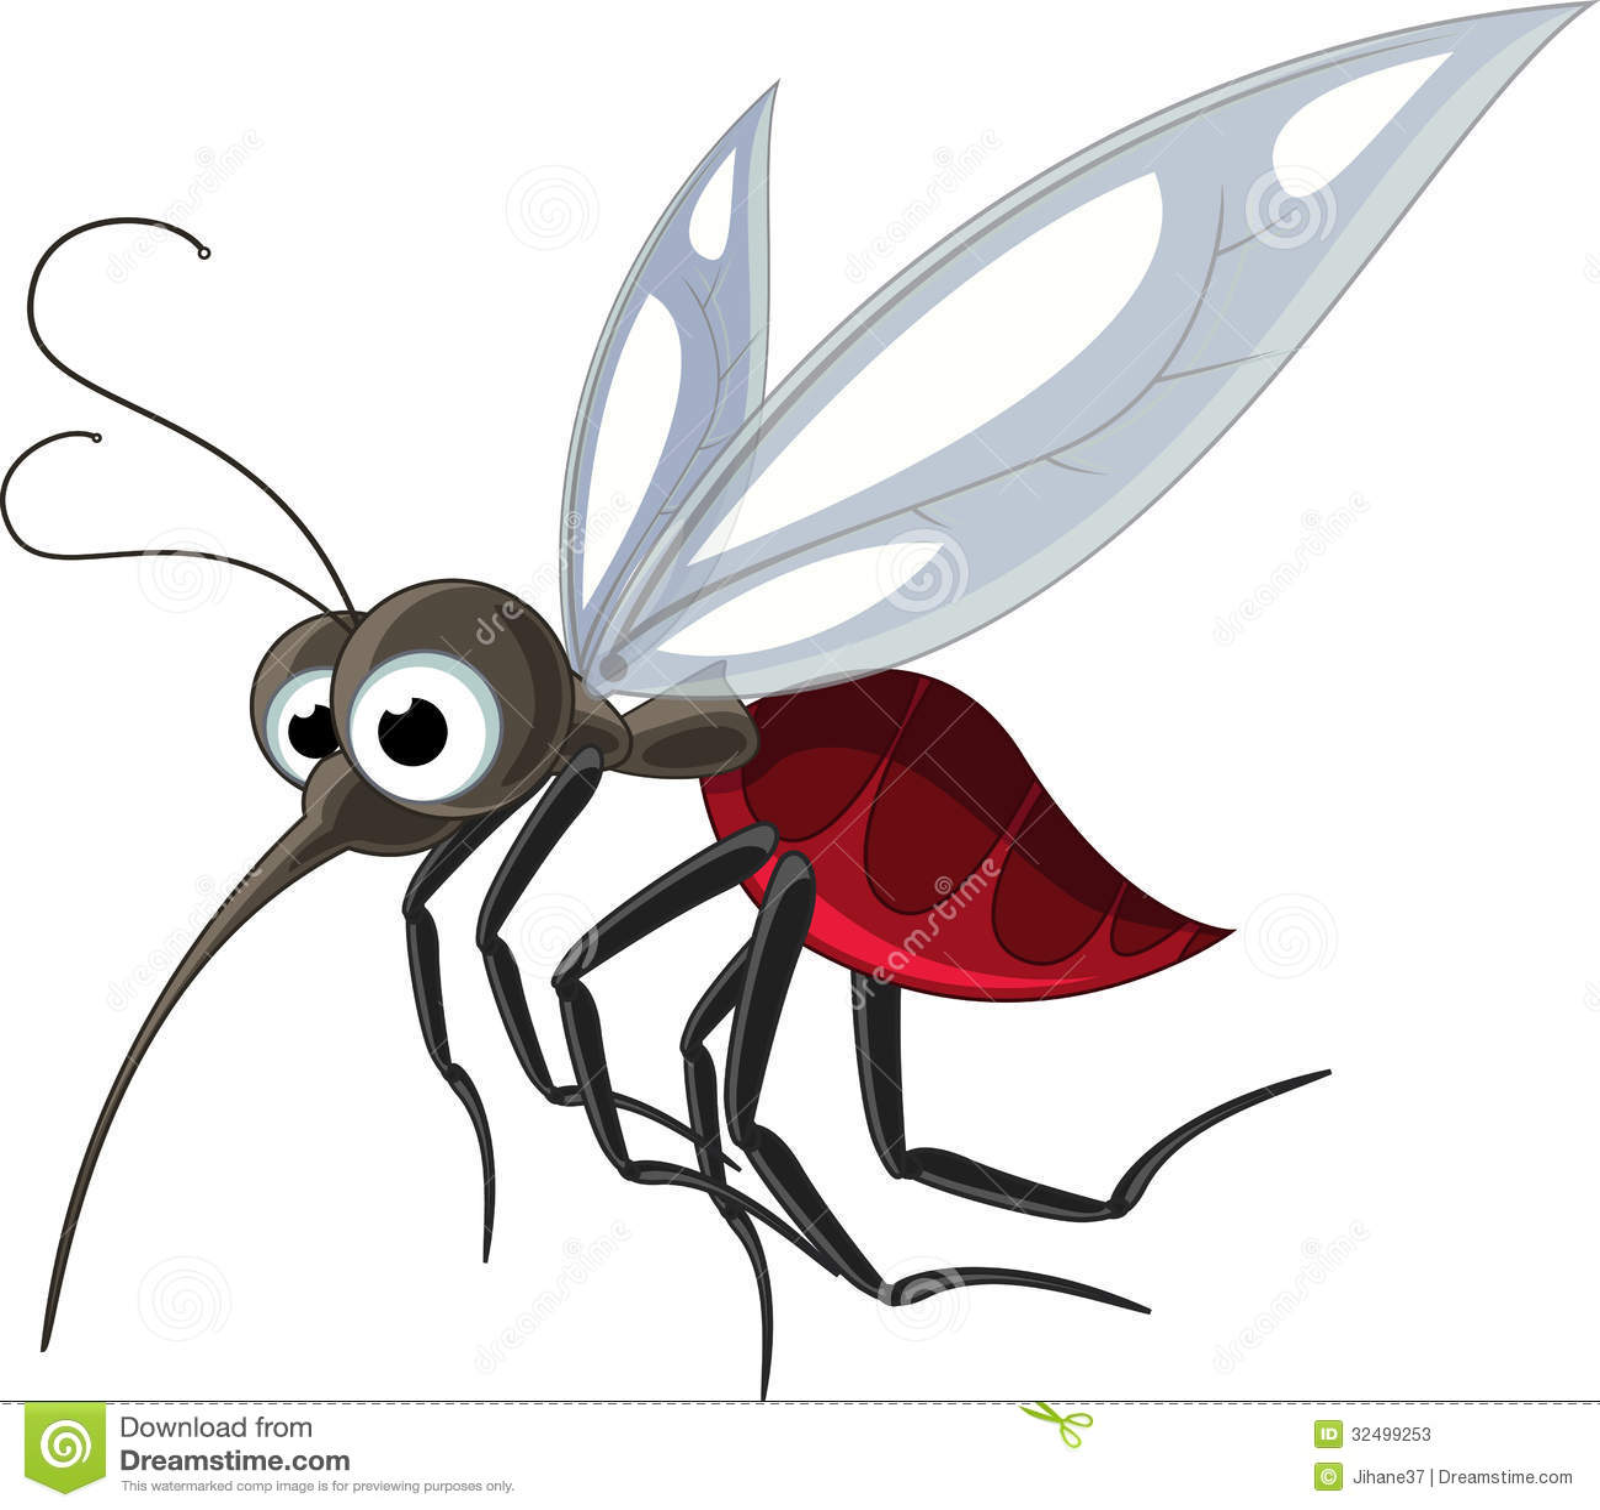 Mosquito Cartoon For You Design Stock Photos - Image: 32499253